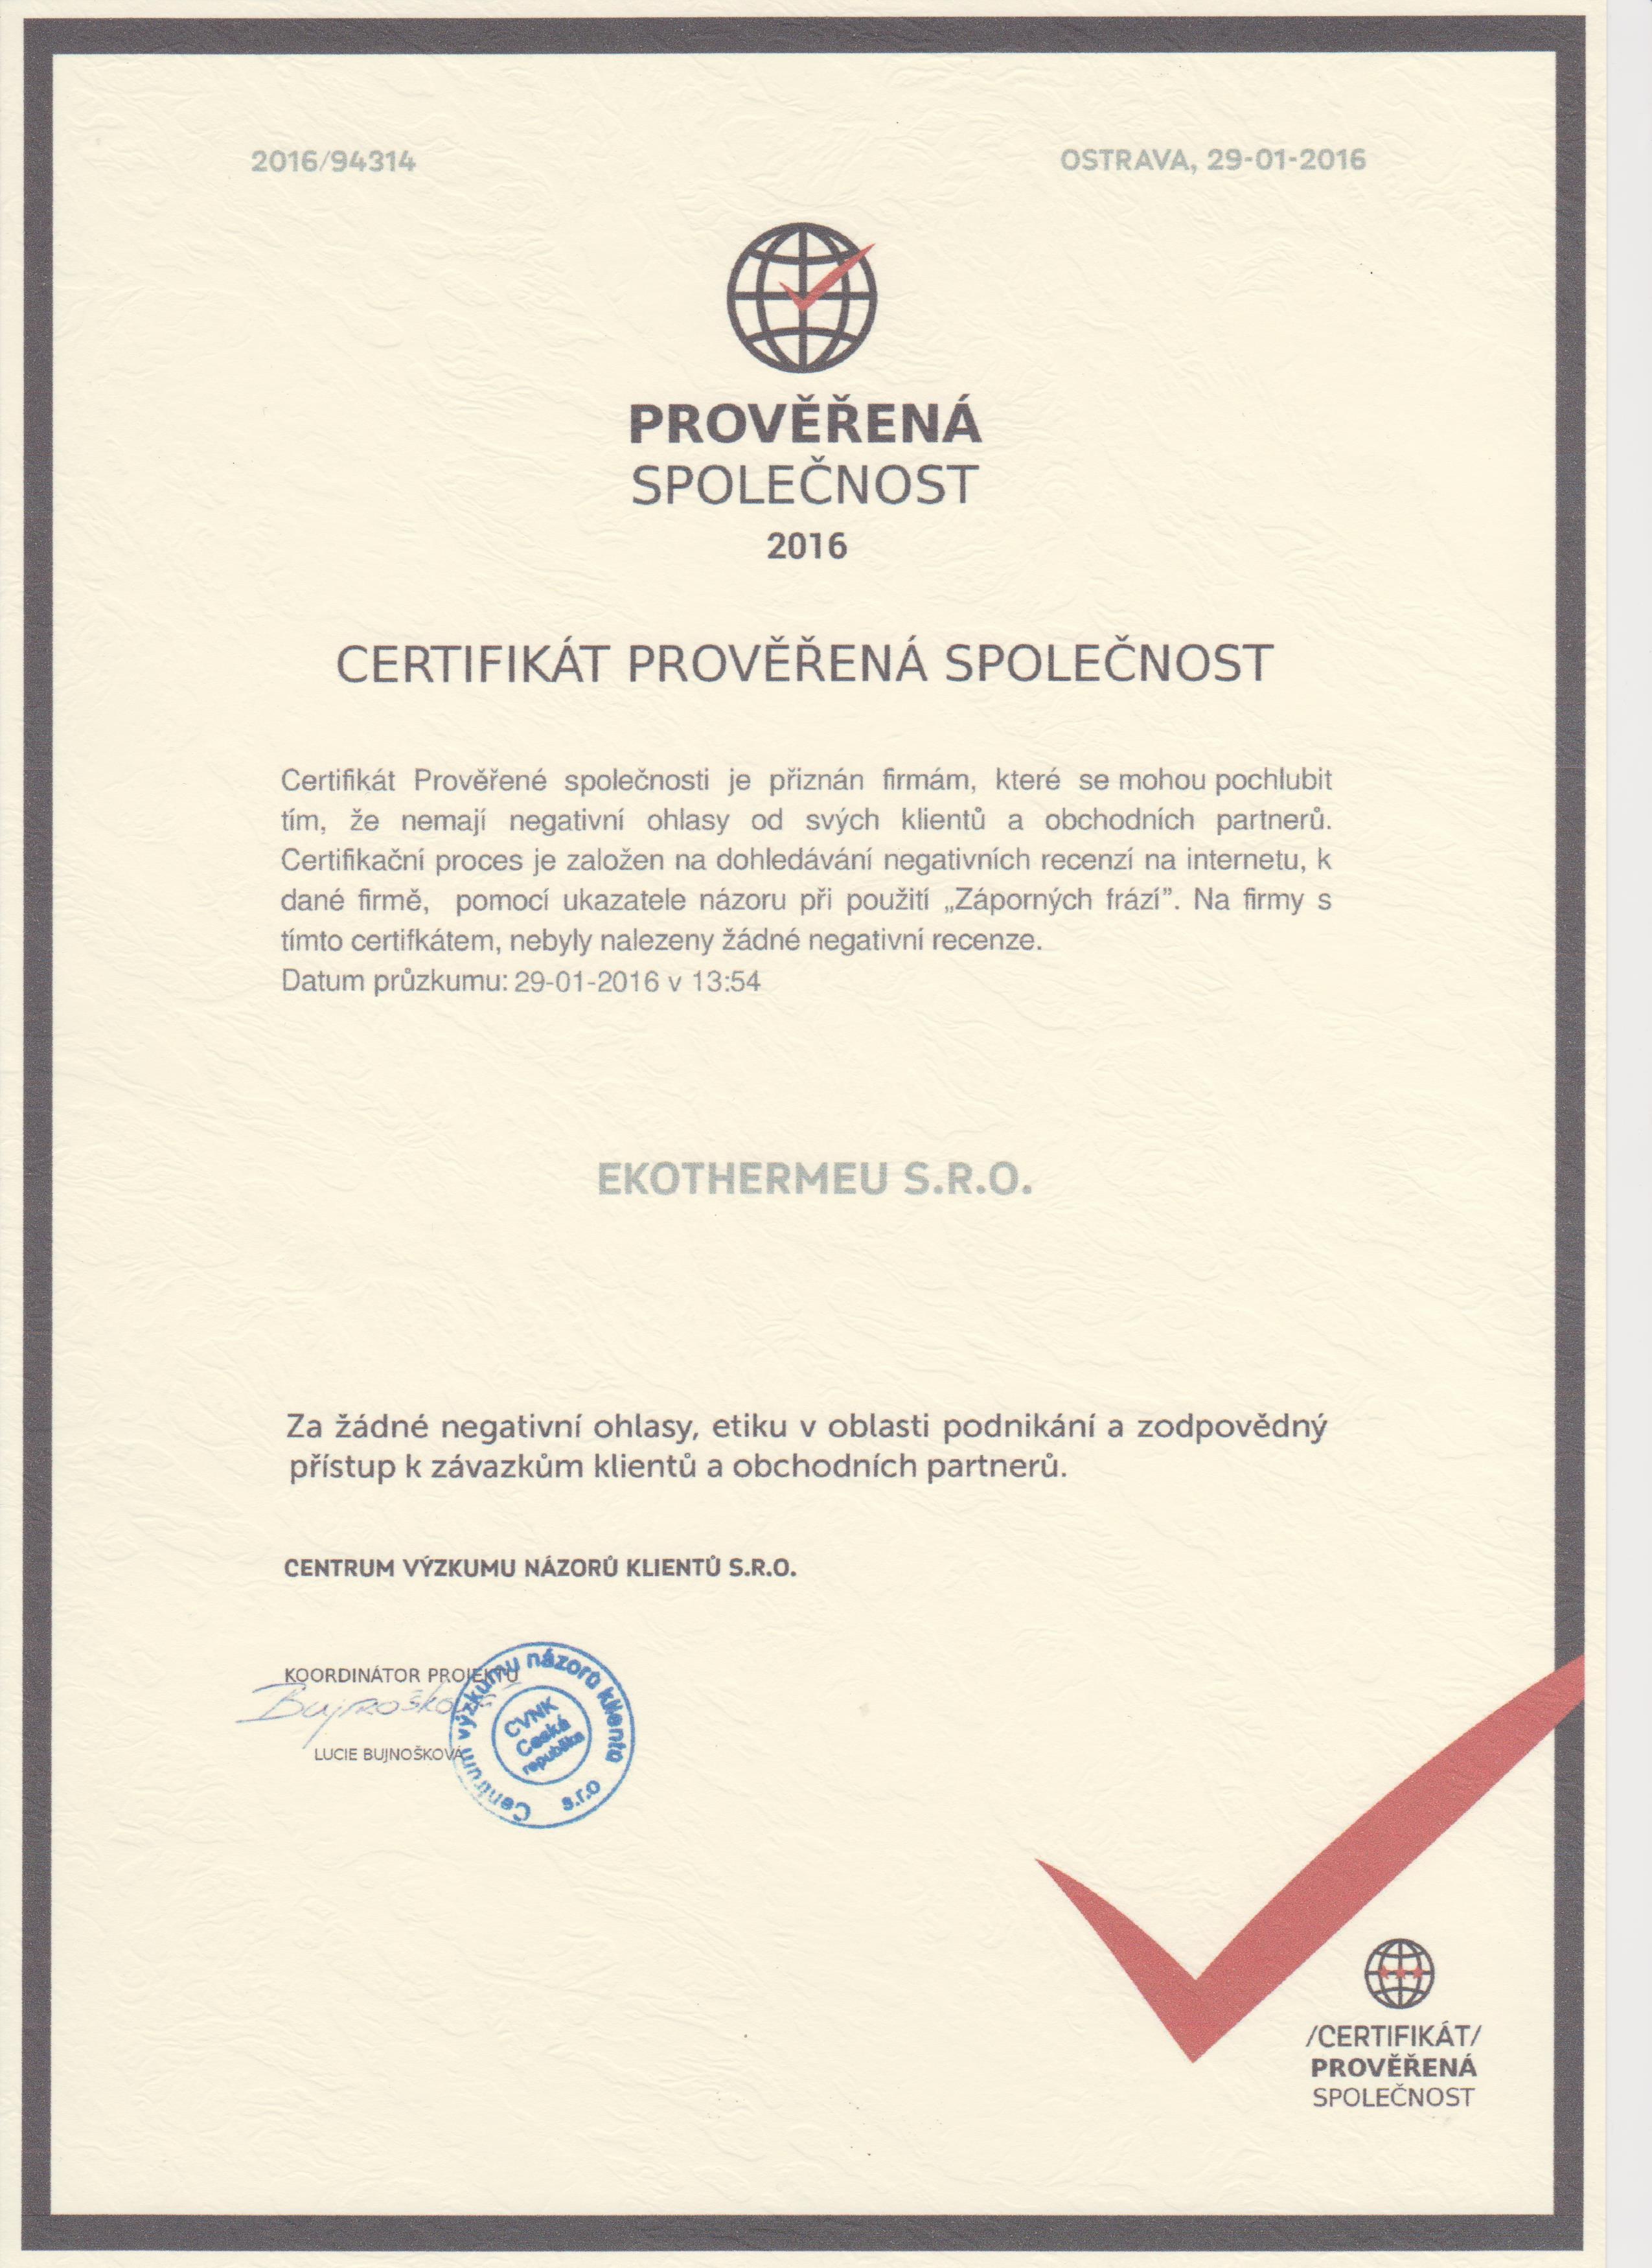 certifikat-proverena-spolecnost-e1456935330705-212×300